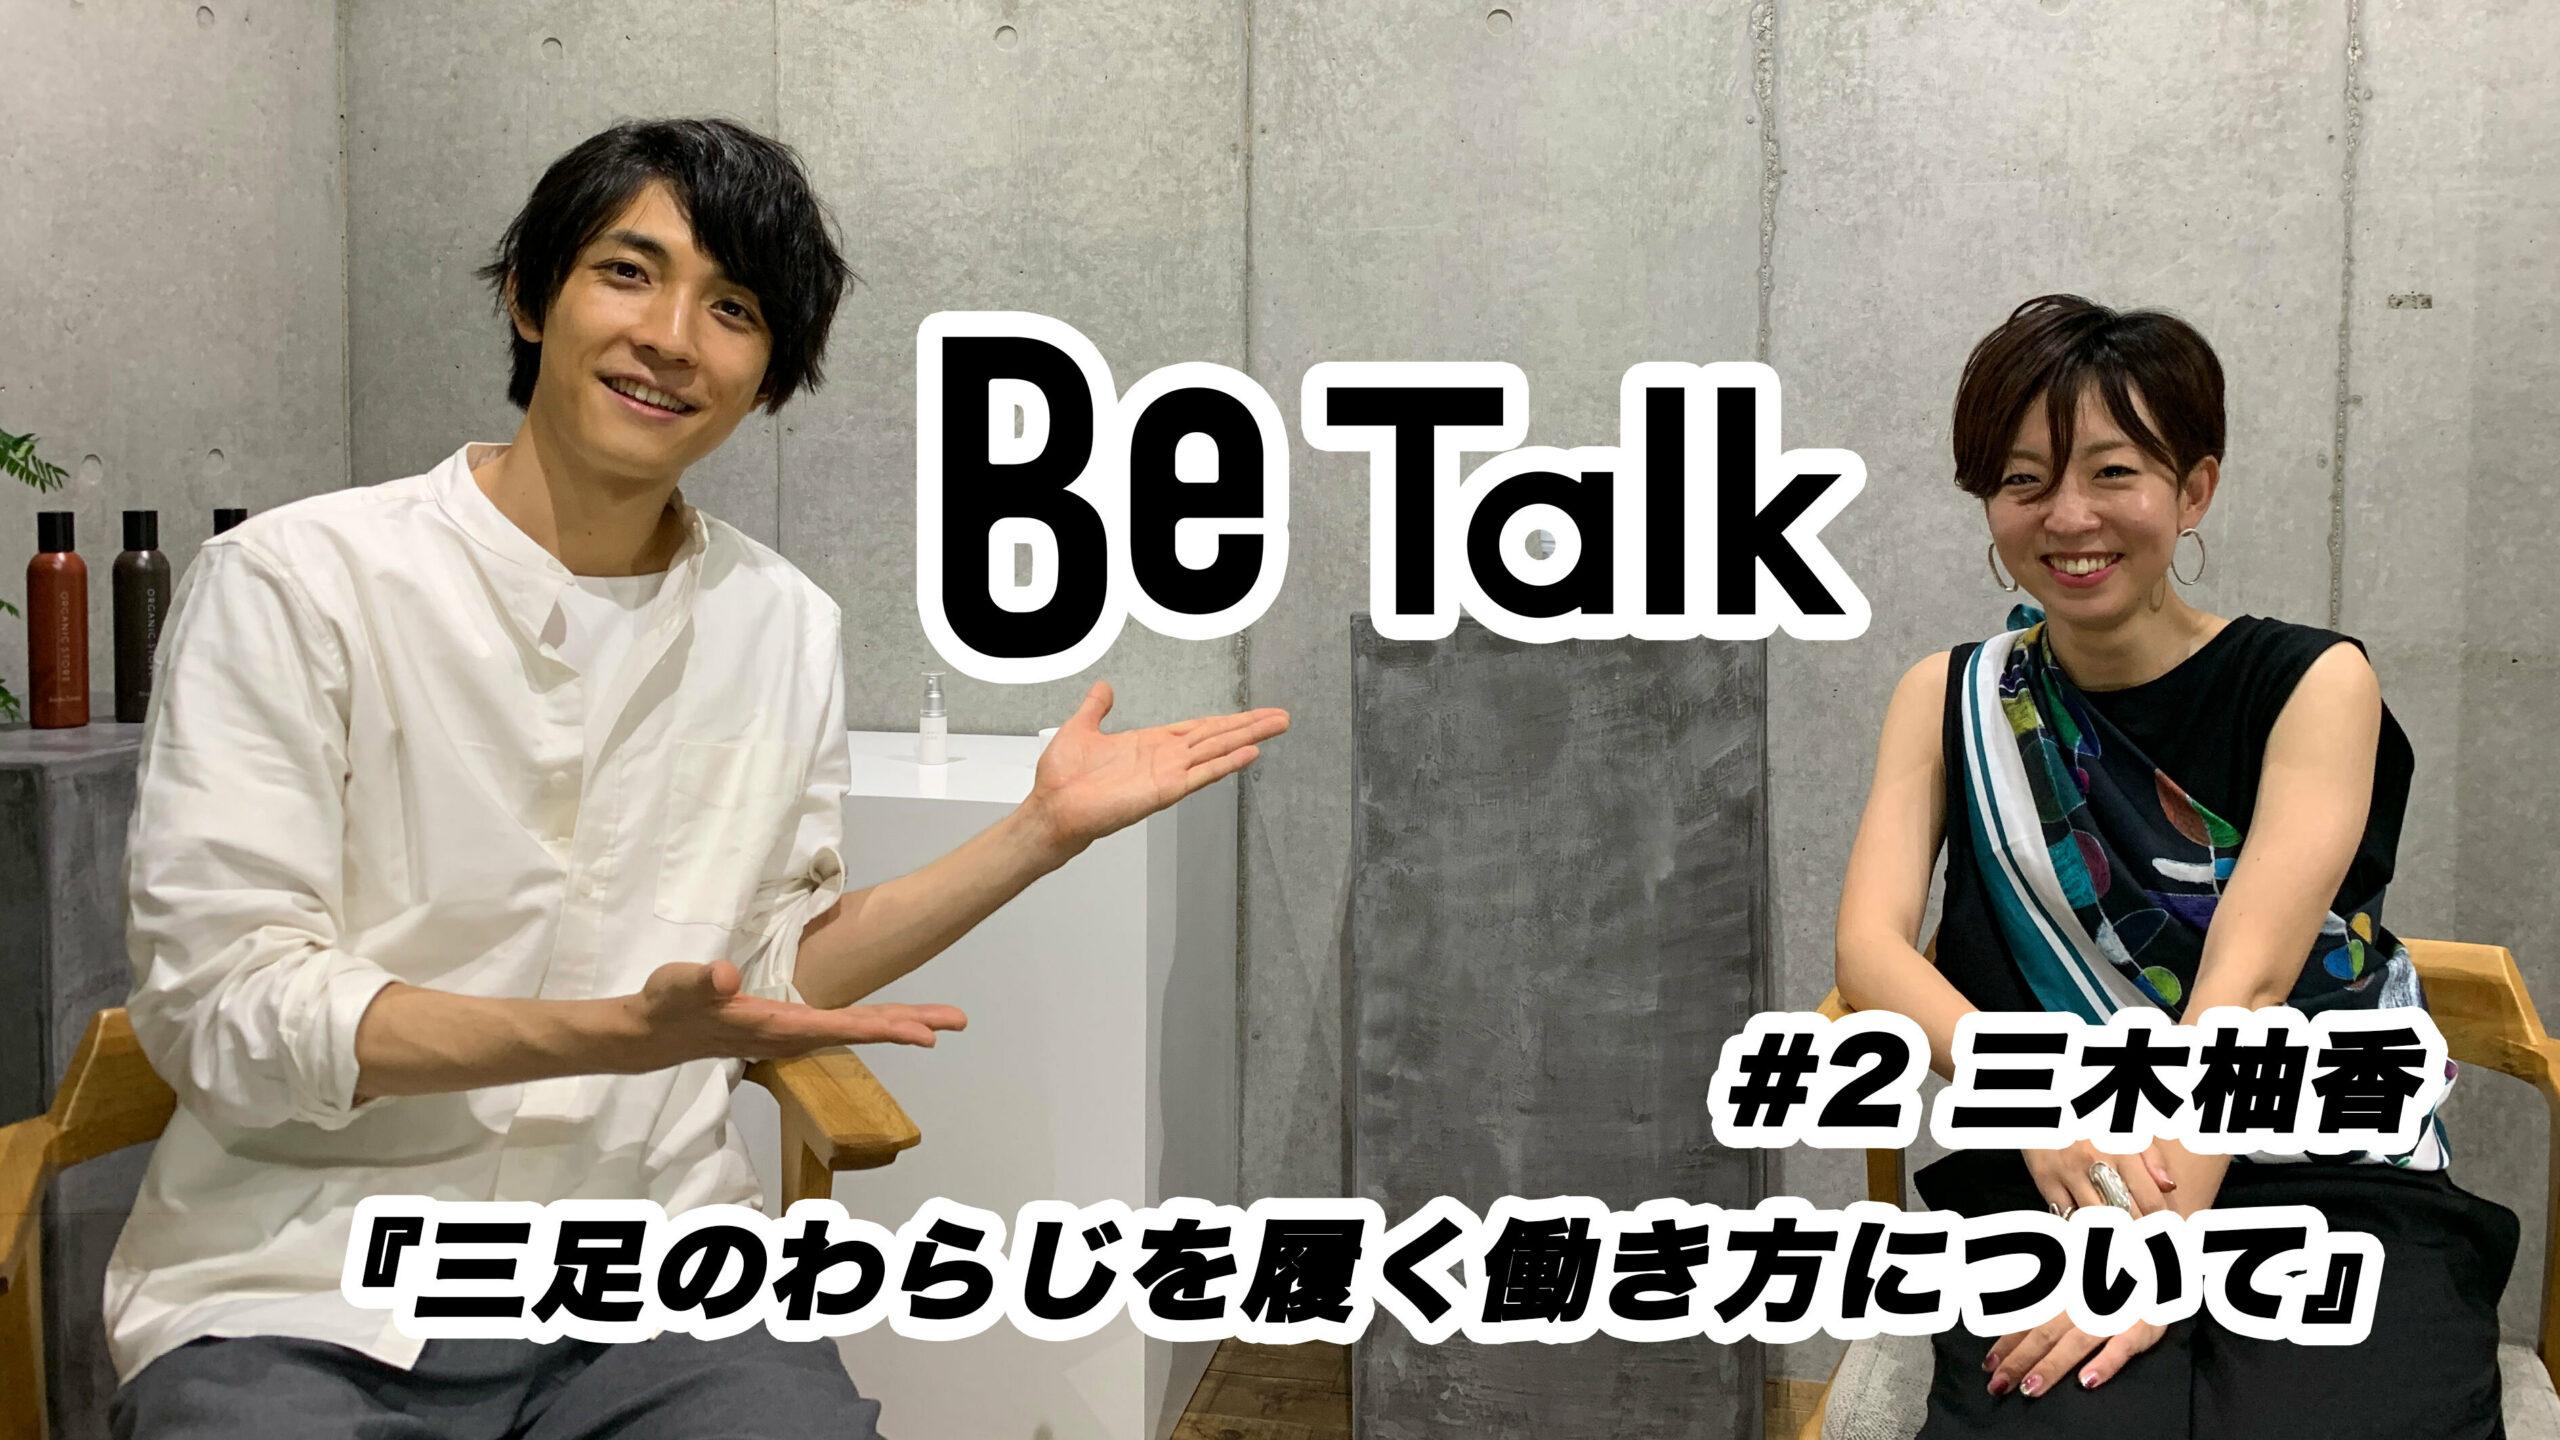 Be Talk 三木柚香 さん